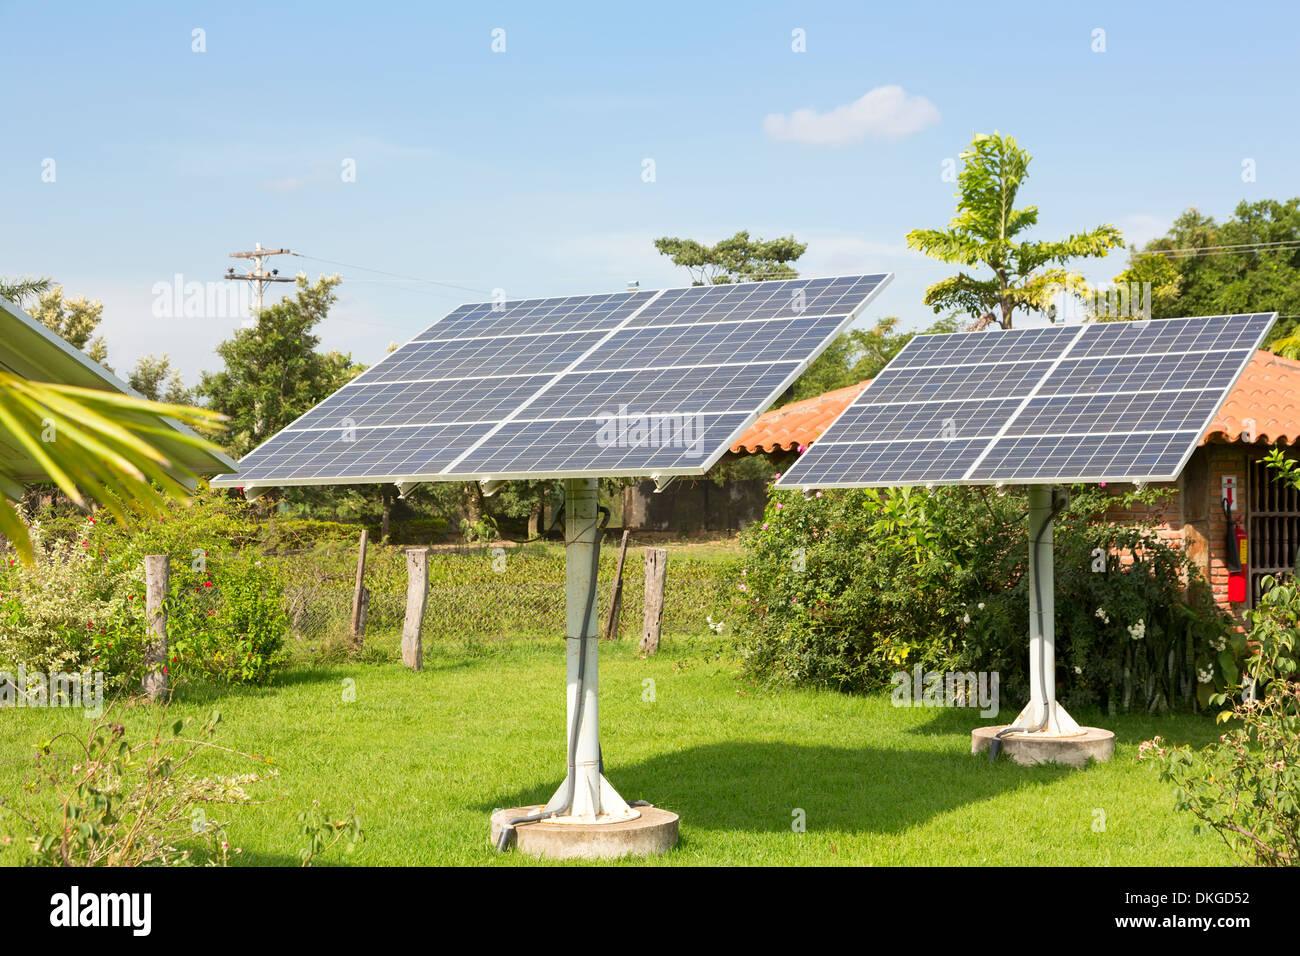 Panel de las baterías solares en el jardín Imagen De Stock